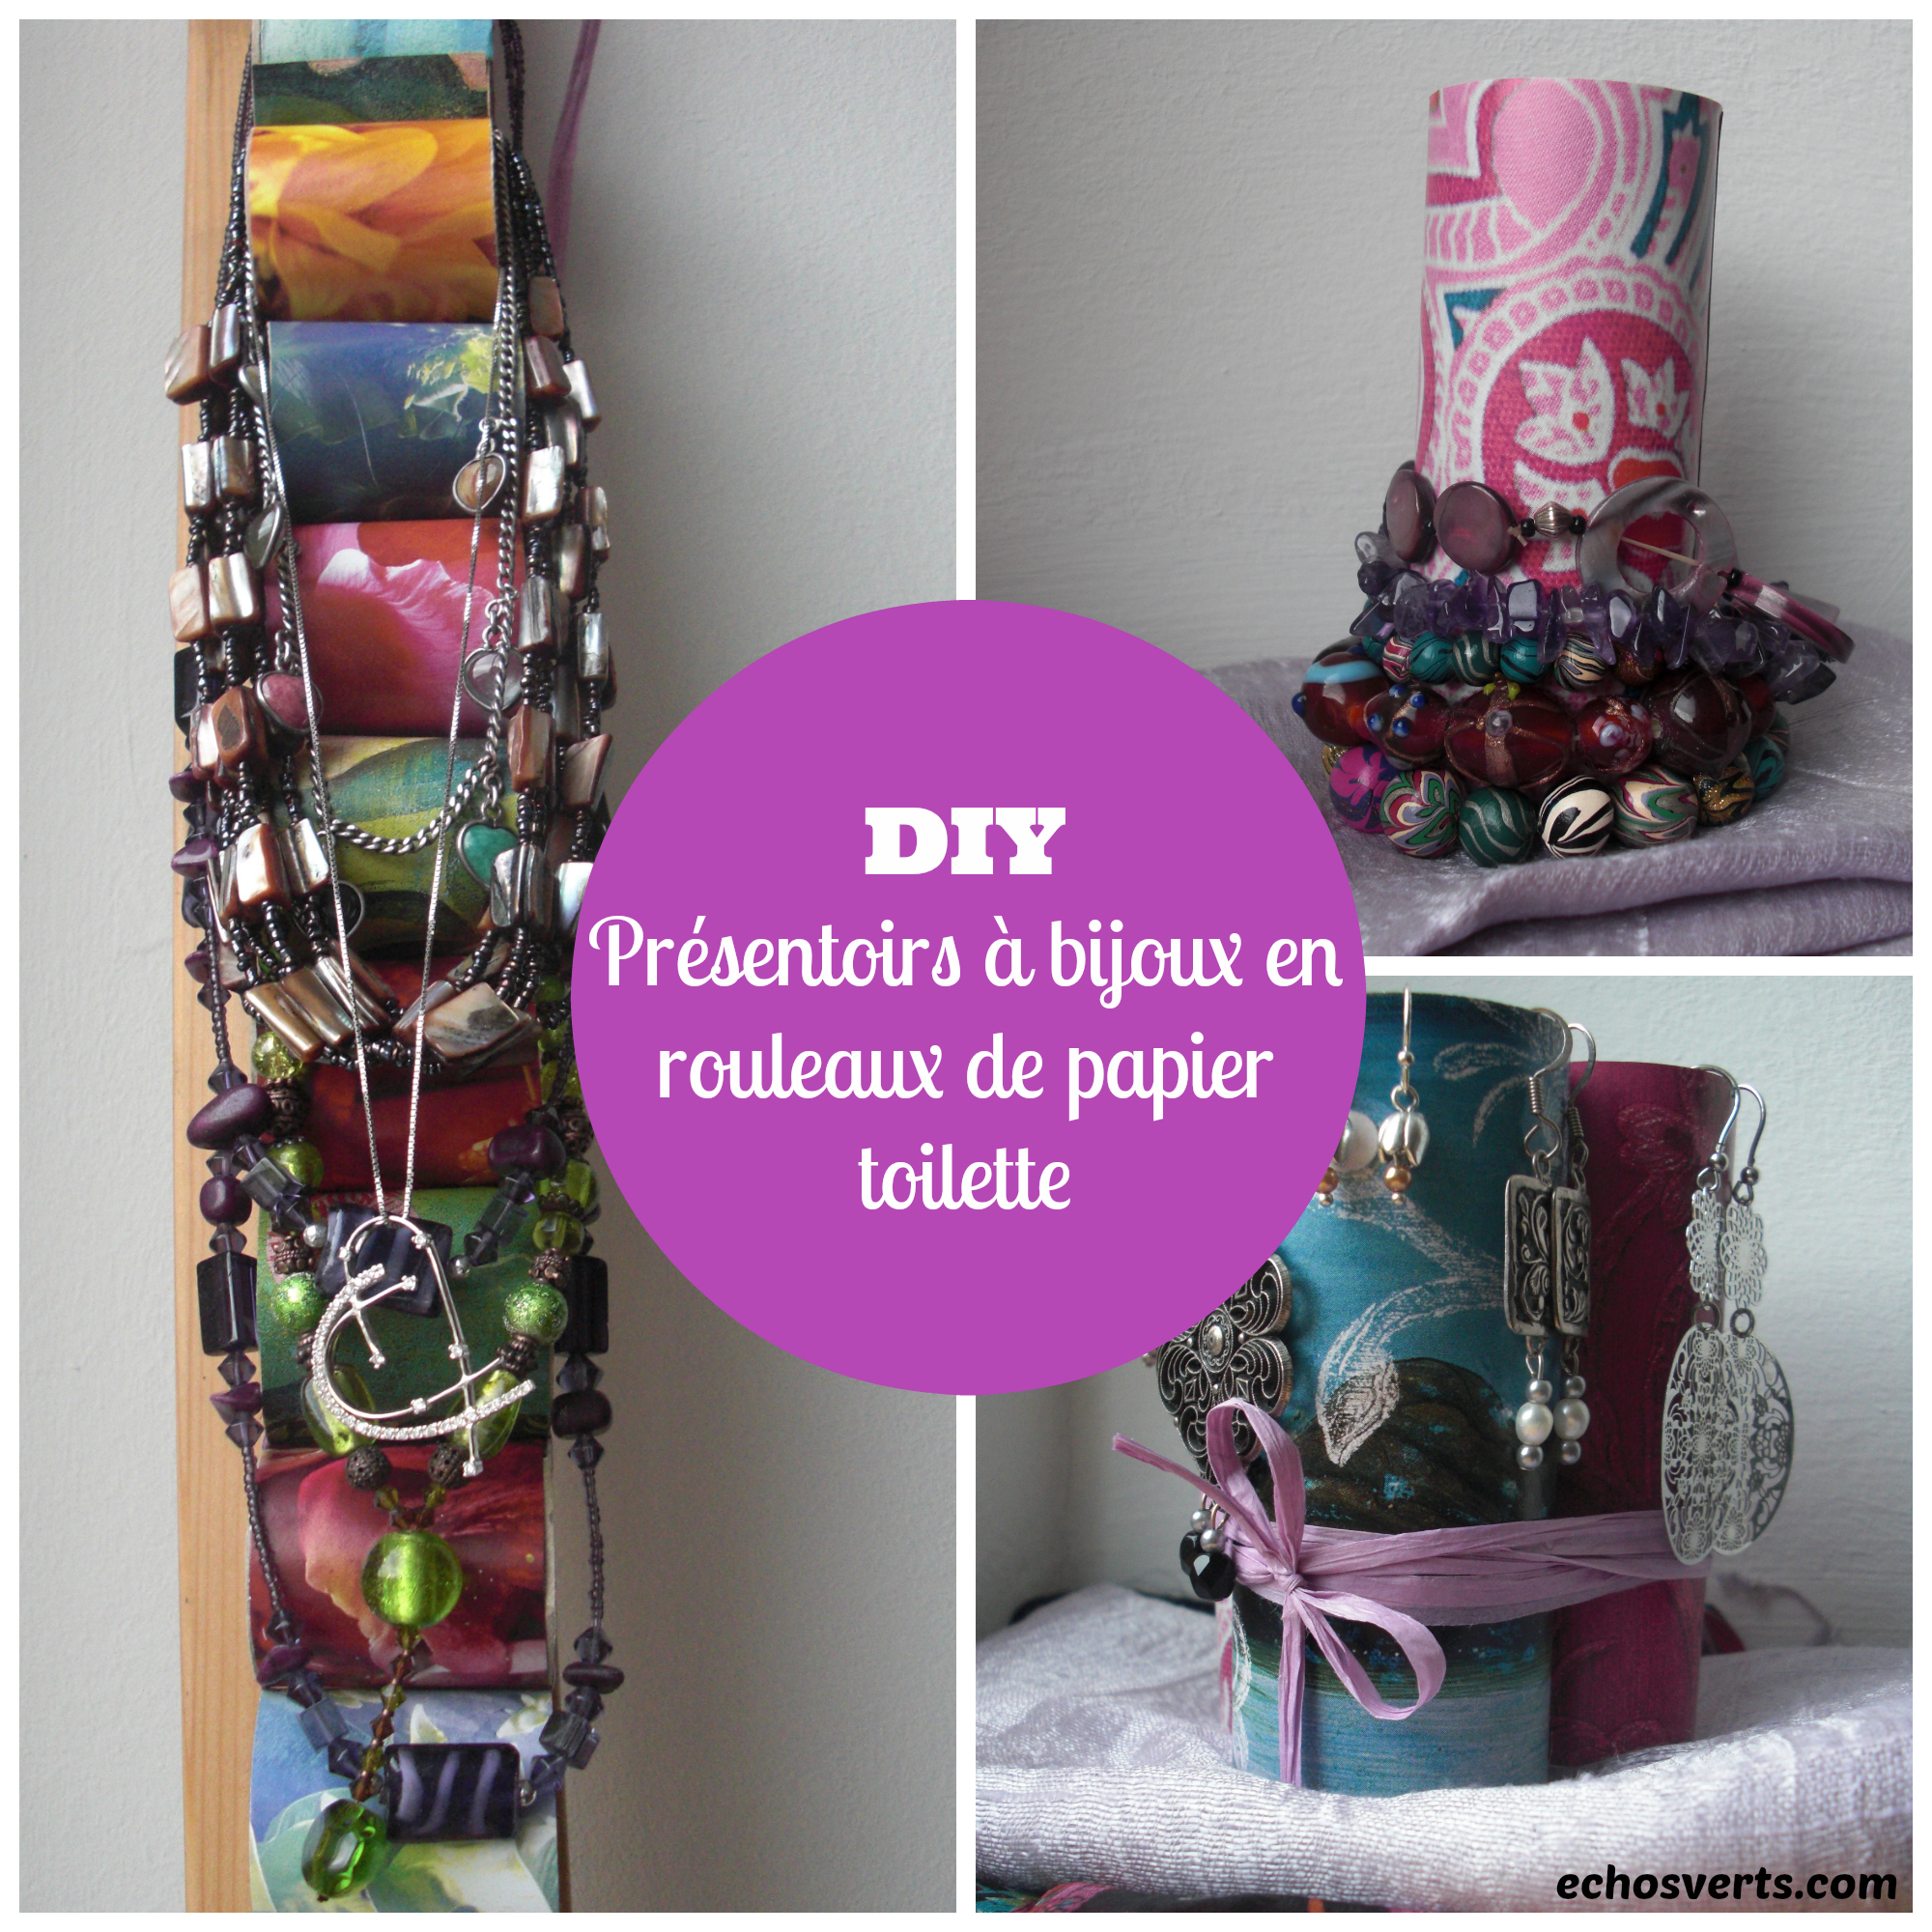 Diy pr sentoirs bijoux en rouleaux de papier toilette - Papier peint rouleau de papier toilette ...